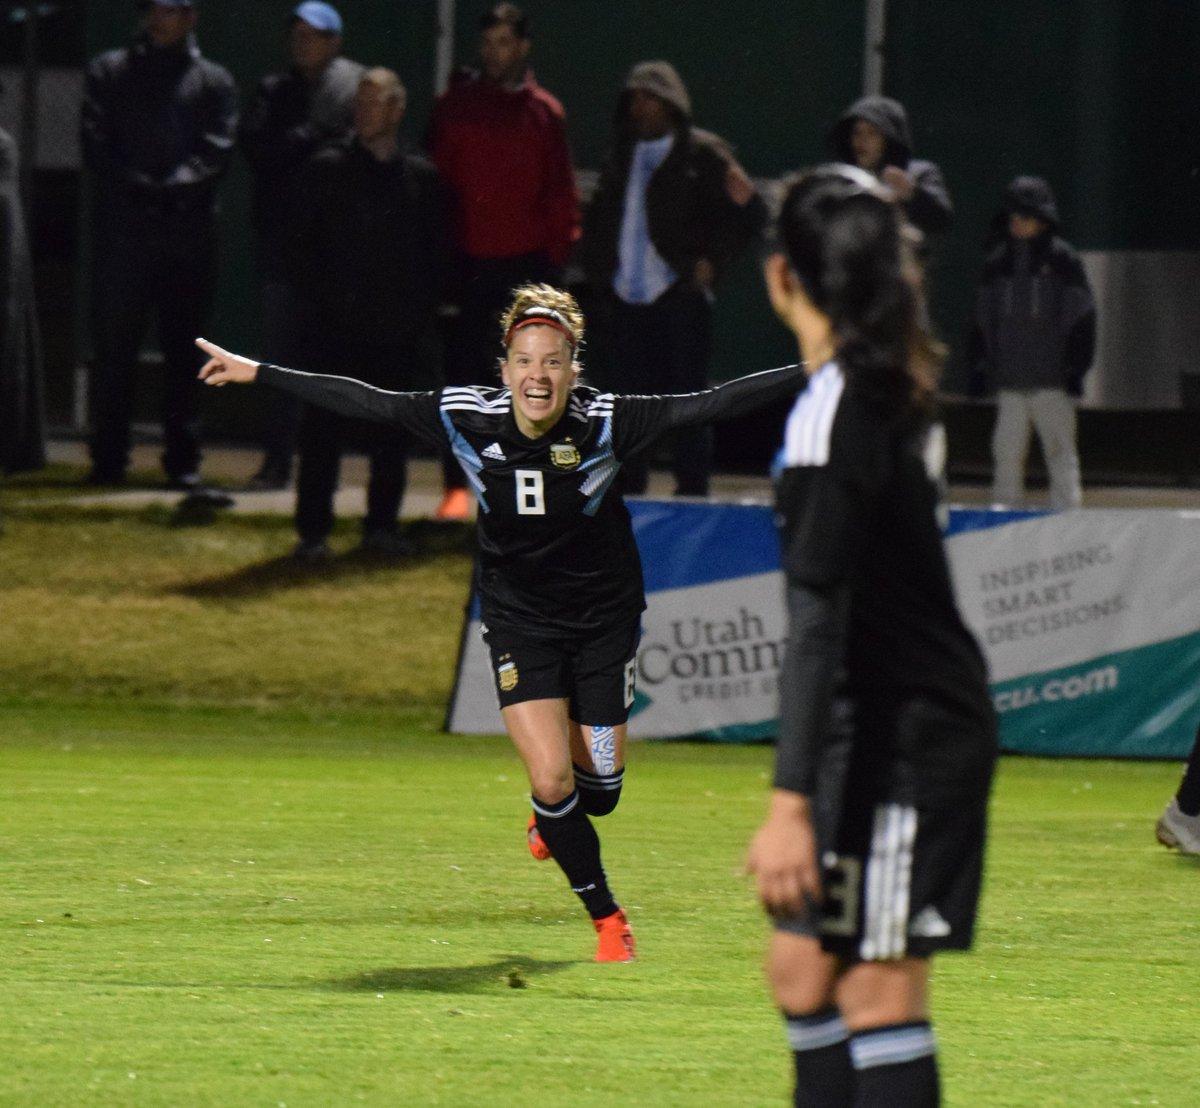 Fútbol femenino: triunfo de Argentina en el primer amistoso de la gira por EEUU